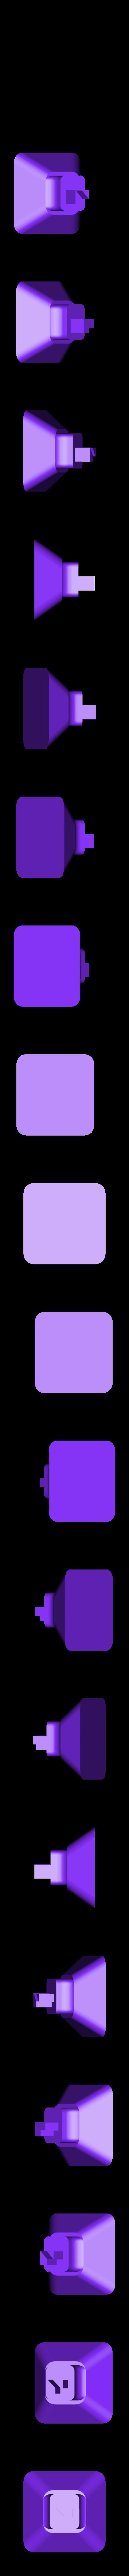 foot_3.stl Télécharger fichier STL gratuit Porte-bobine à filament modulaire • Plan à imprimer en 3D, Qelorliss